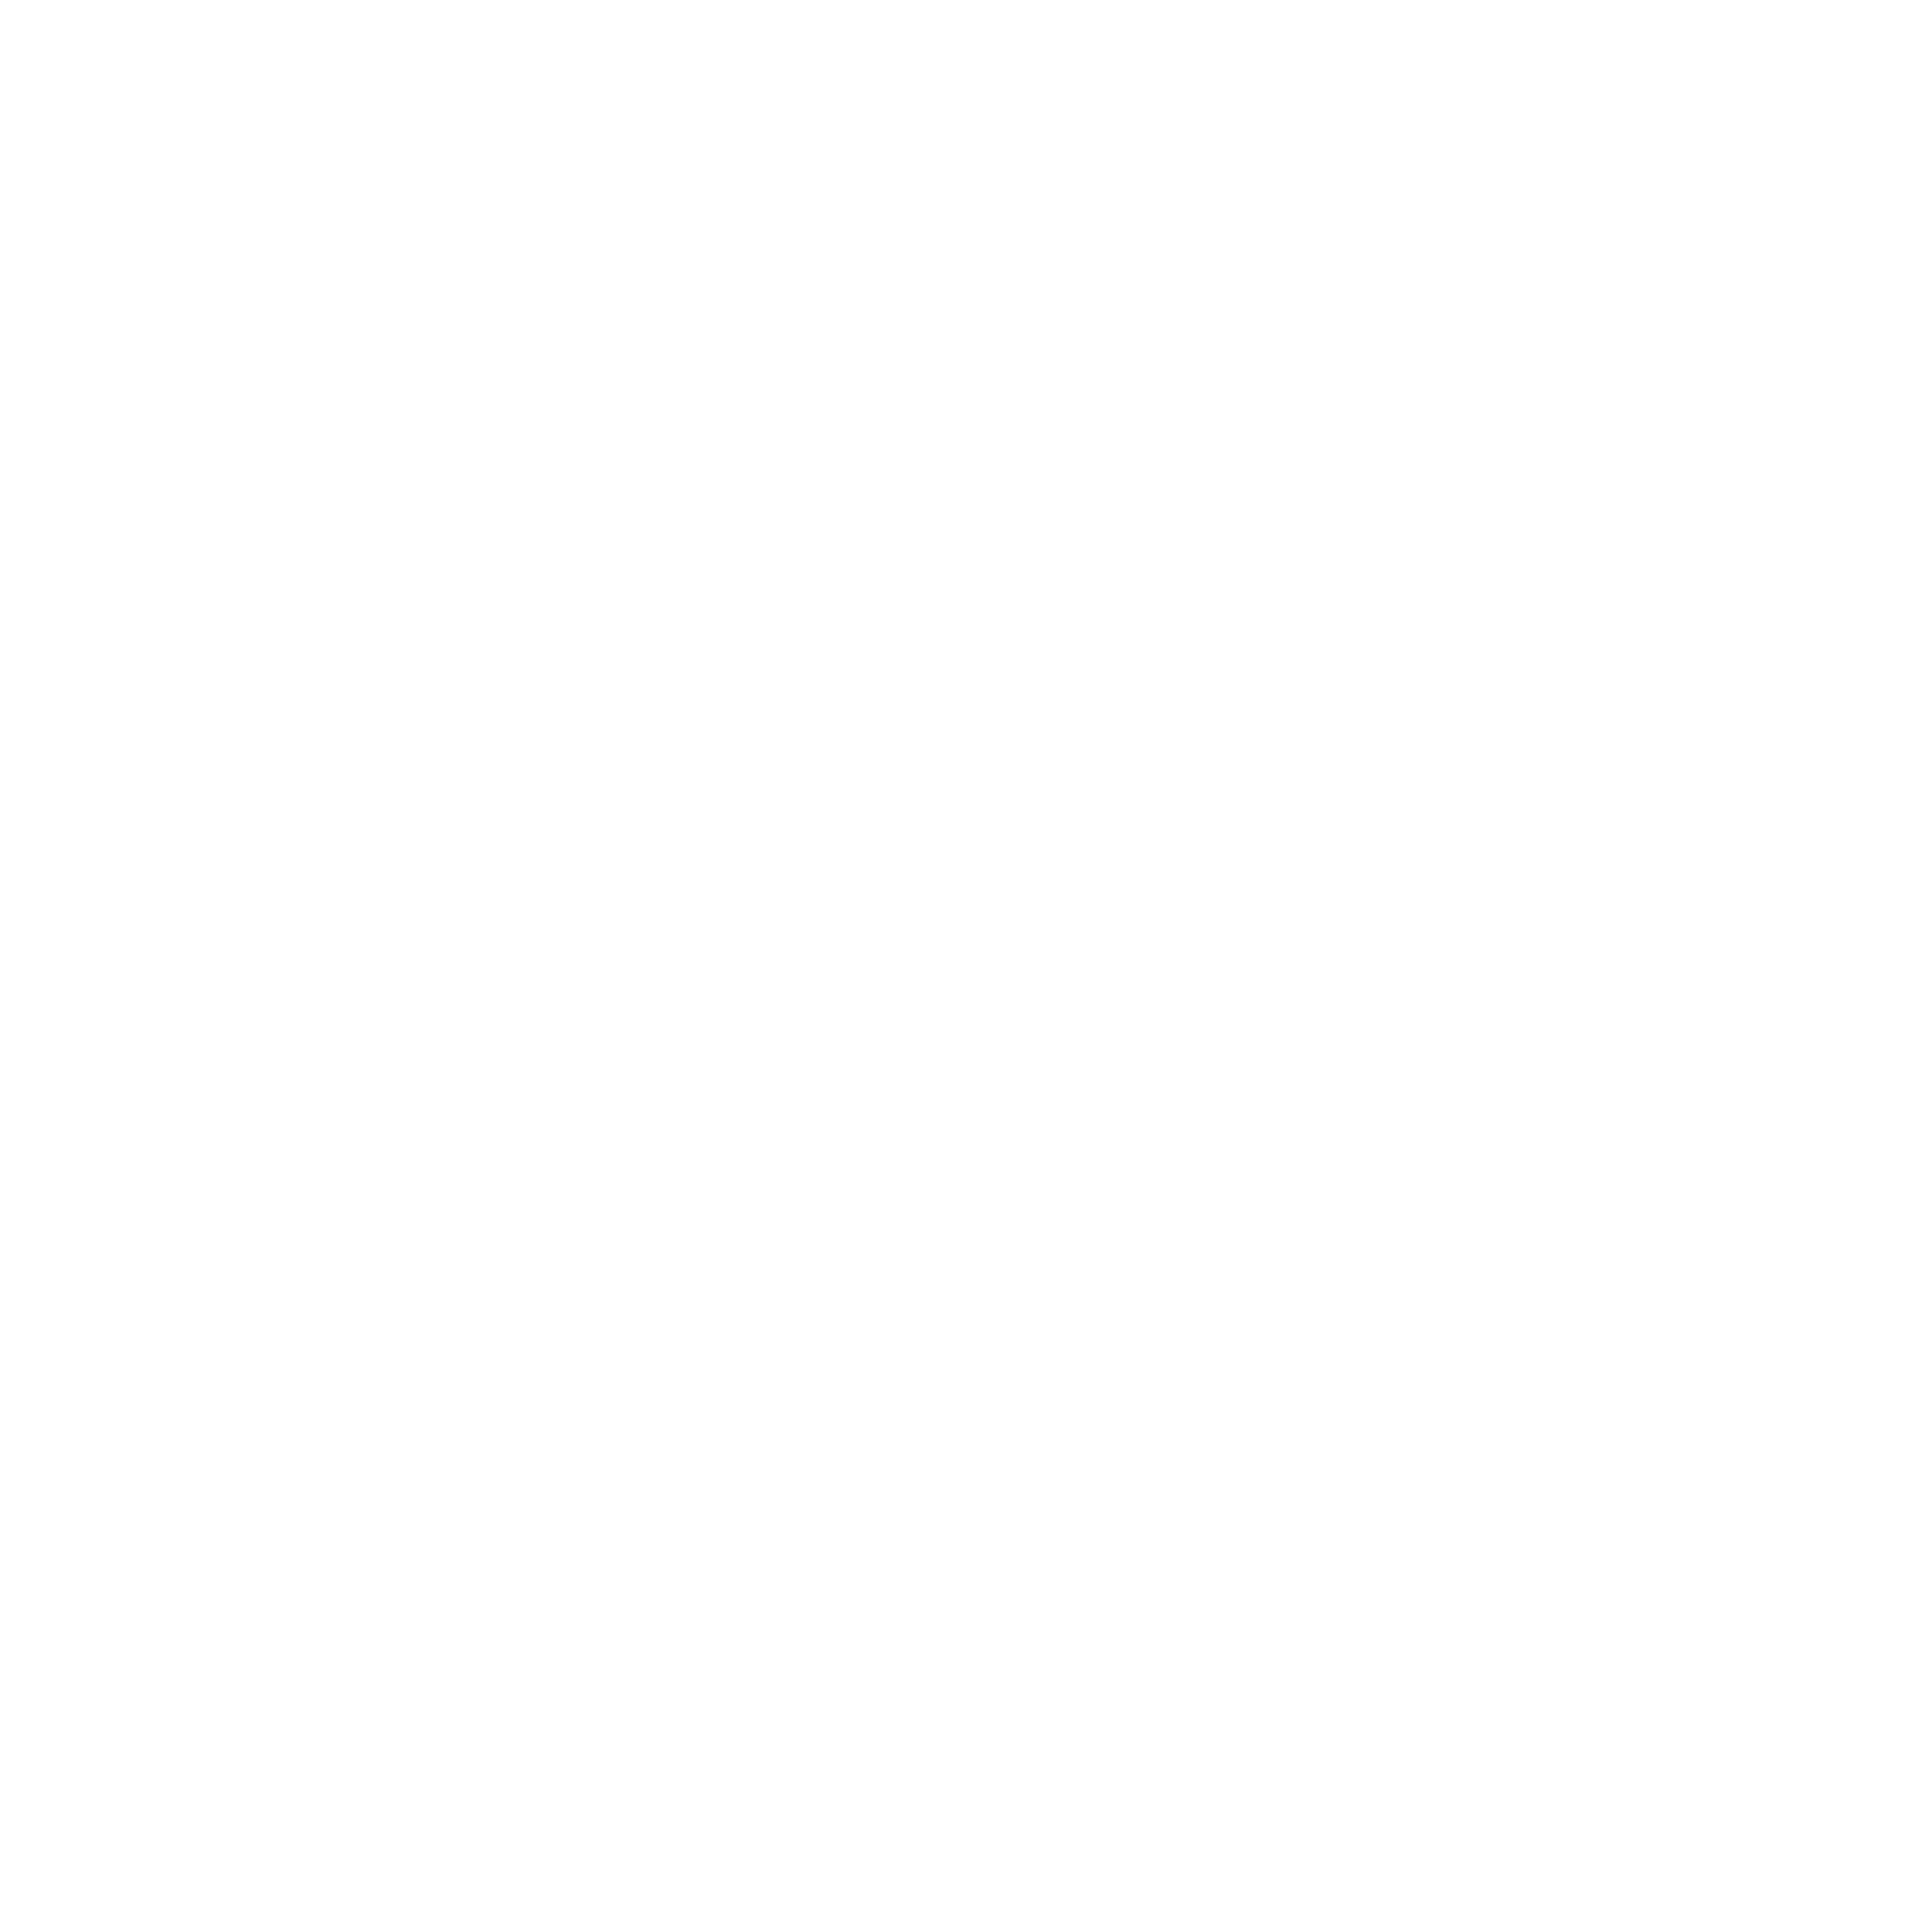 Stoppomat